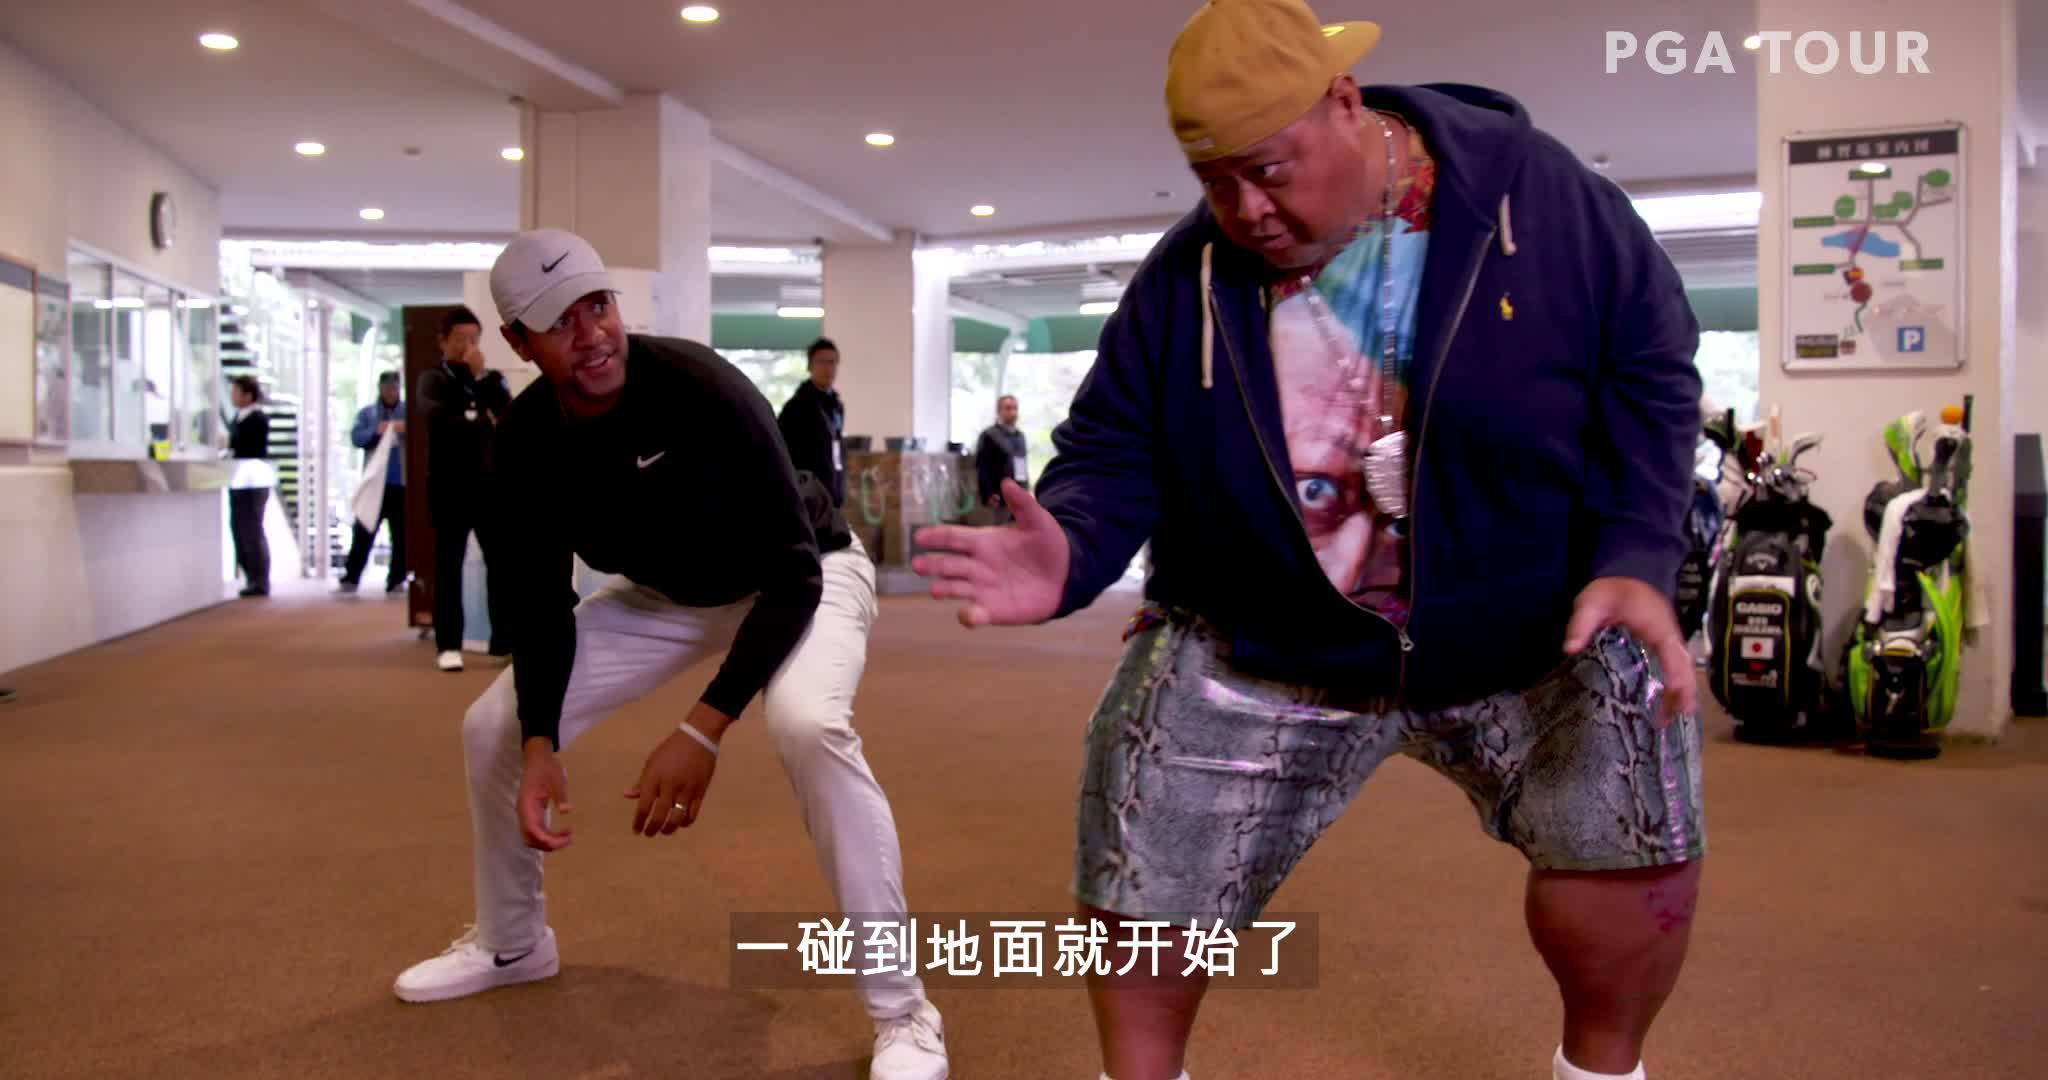 弗诺挑战日本相扑